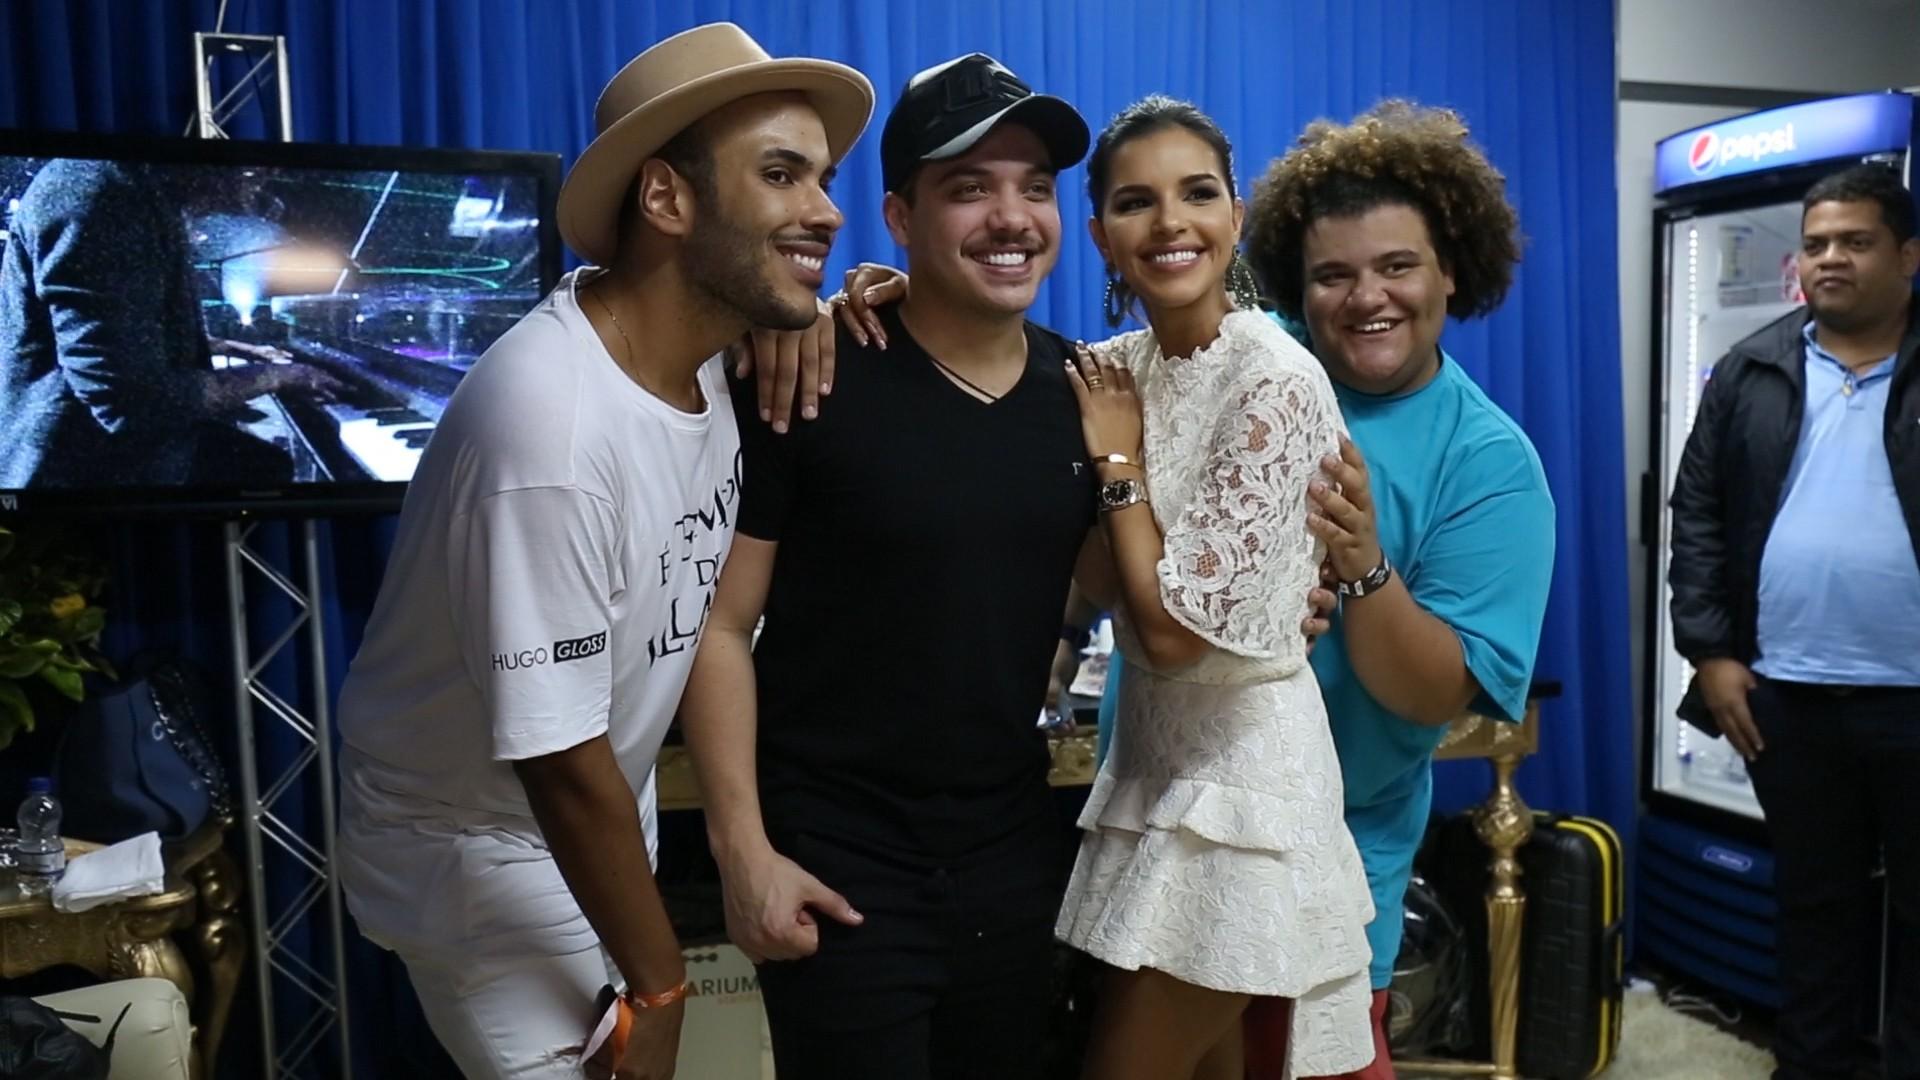 Safado faz sucesso entre os famosos no Villa Mix Goinia (Foto: Multishow)